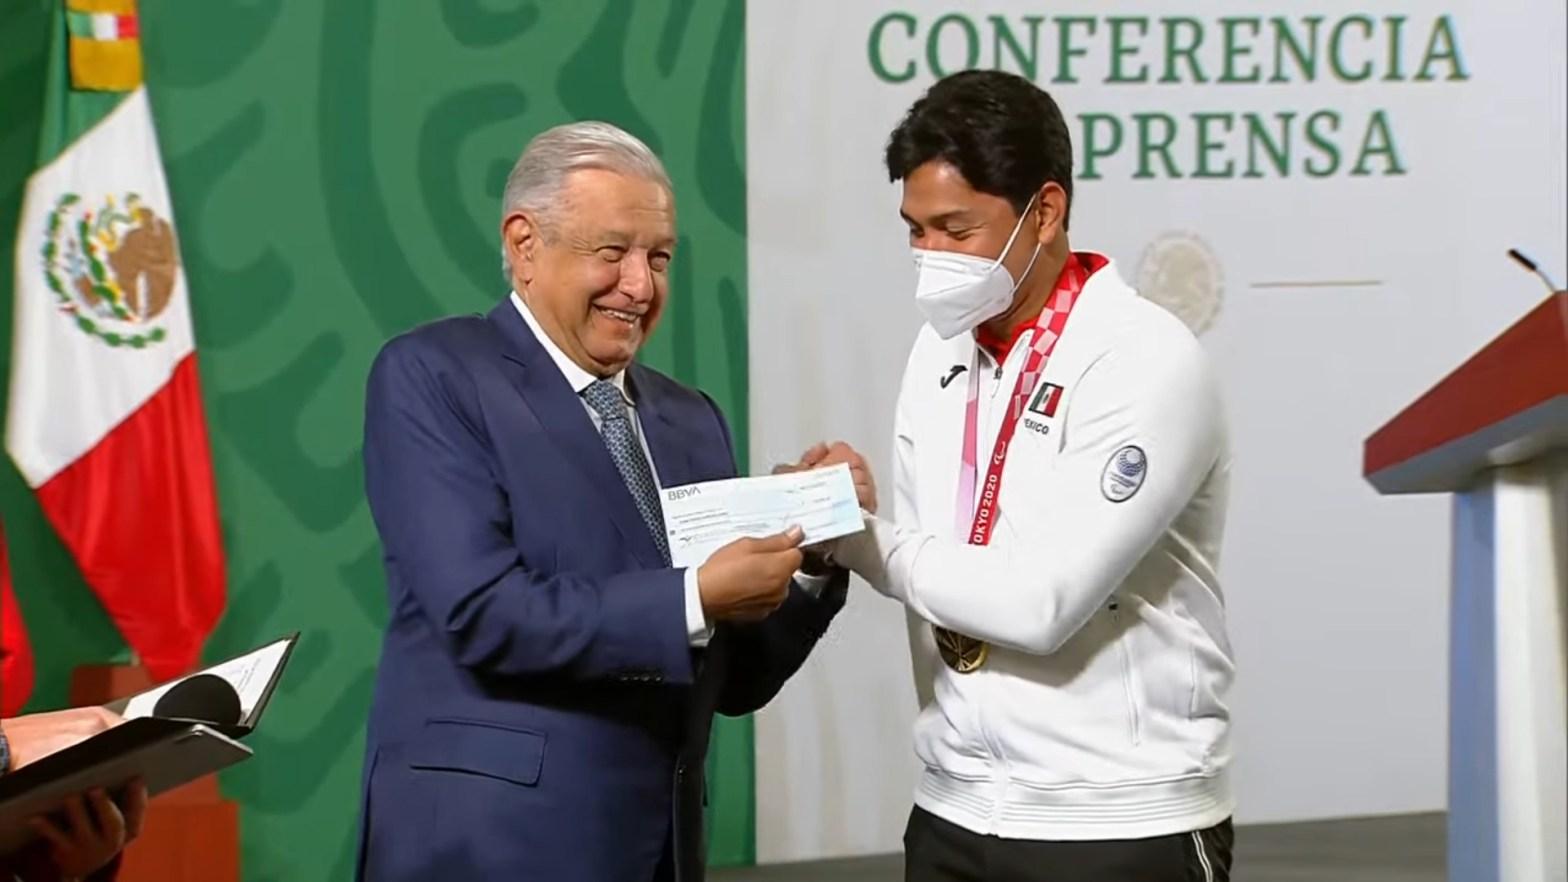 El gobierno federal entrega 110 millones de pesos en apoyos a 360 deportistas y entrenadores olímpicos y paralímpicos